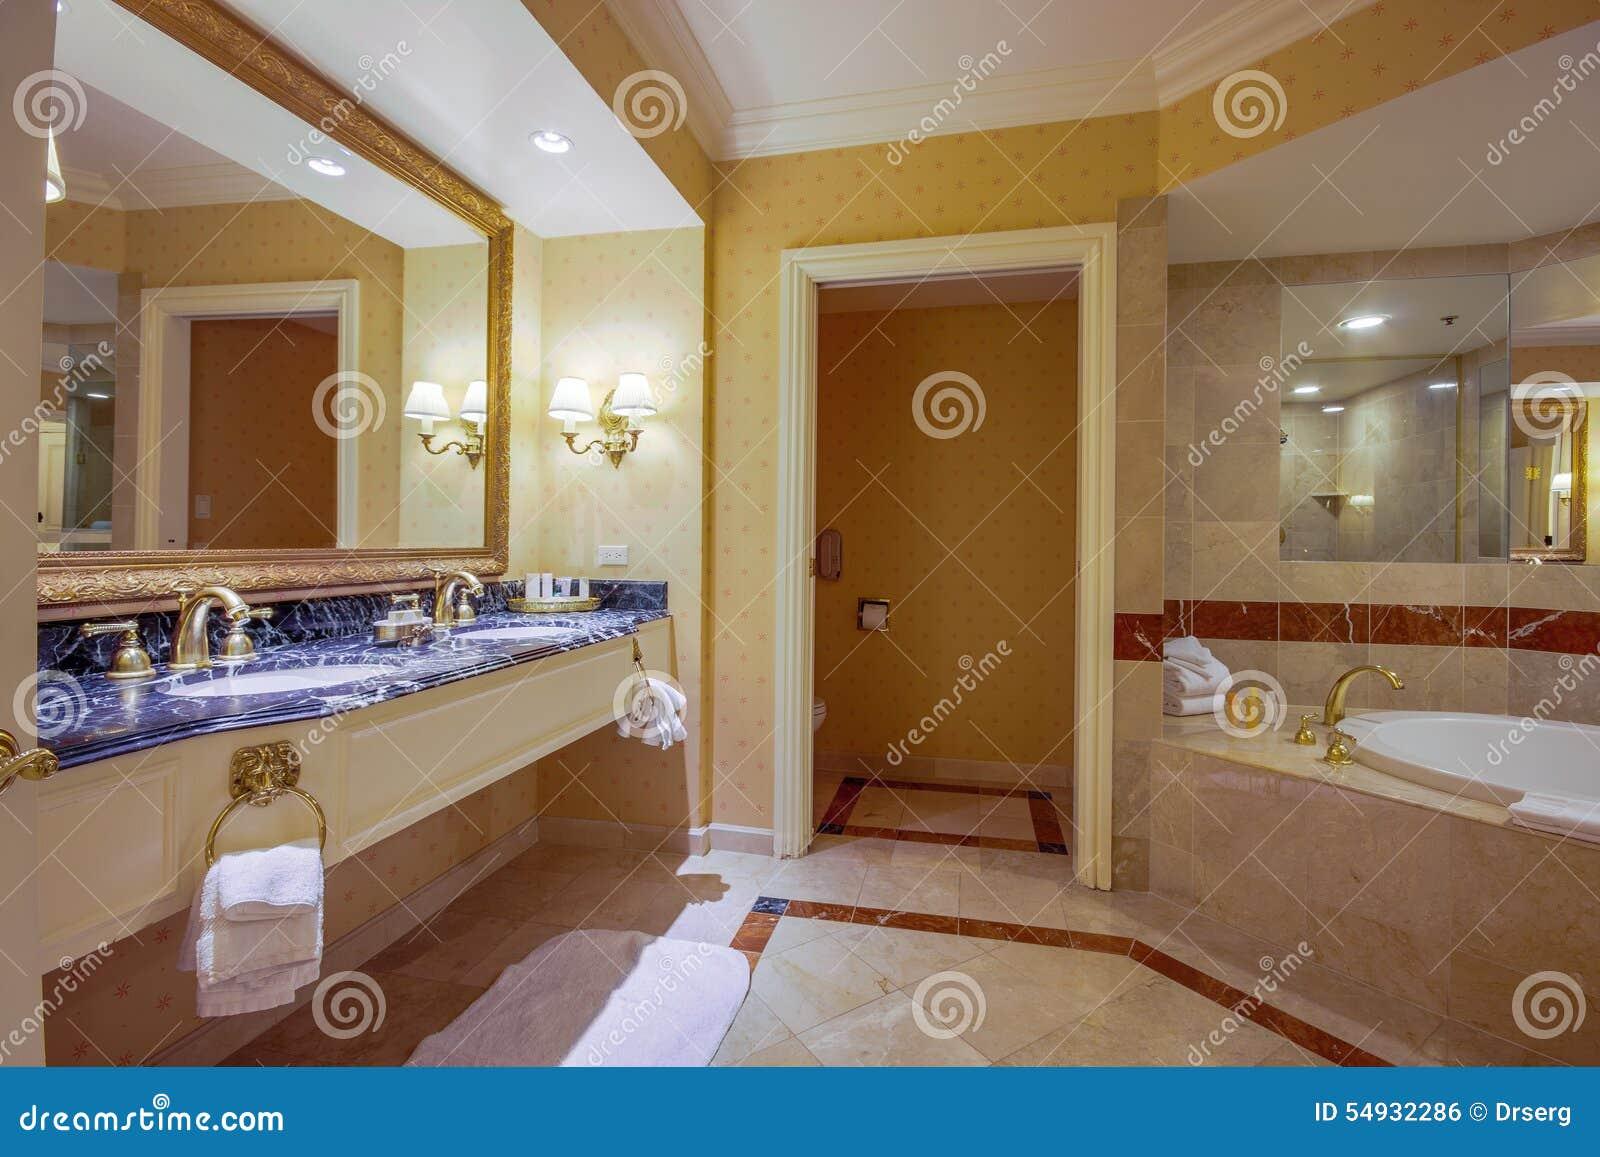 Decoration Salle De Bain Avec Jacuzzi ~ Des Idées Novatrices sur la ...